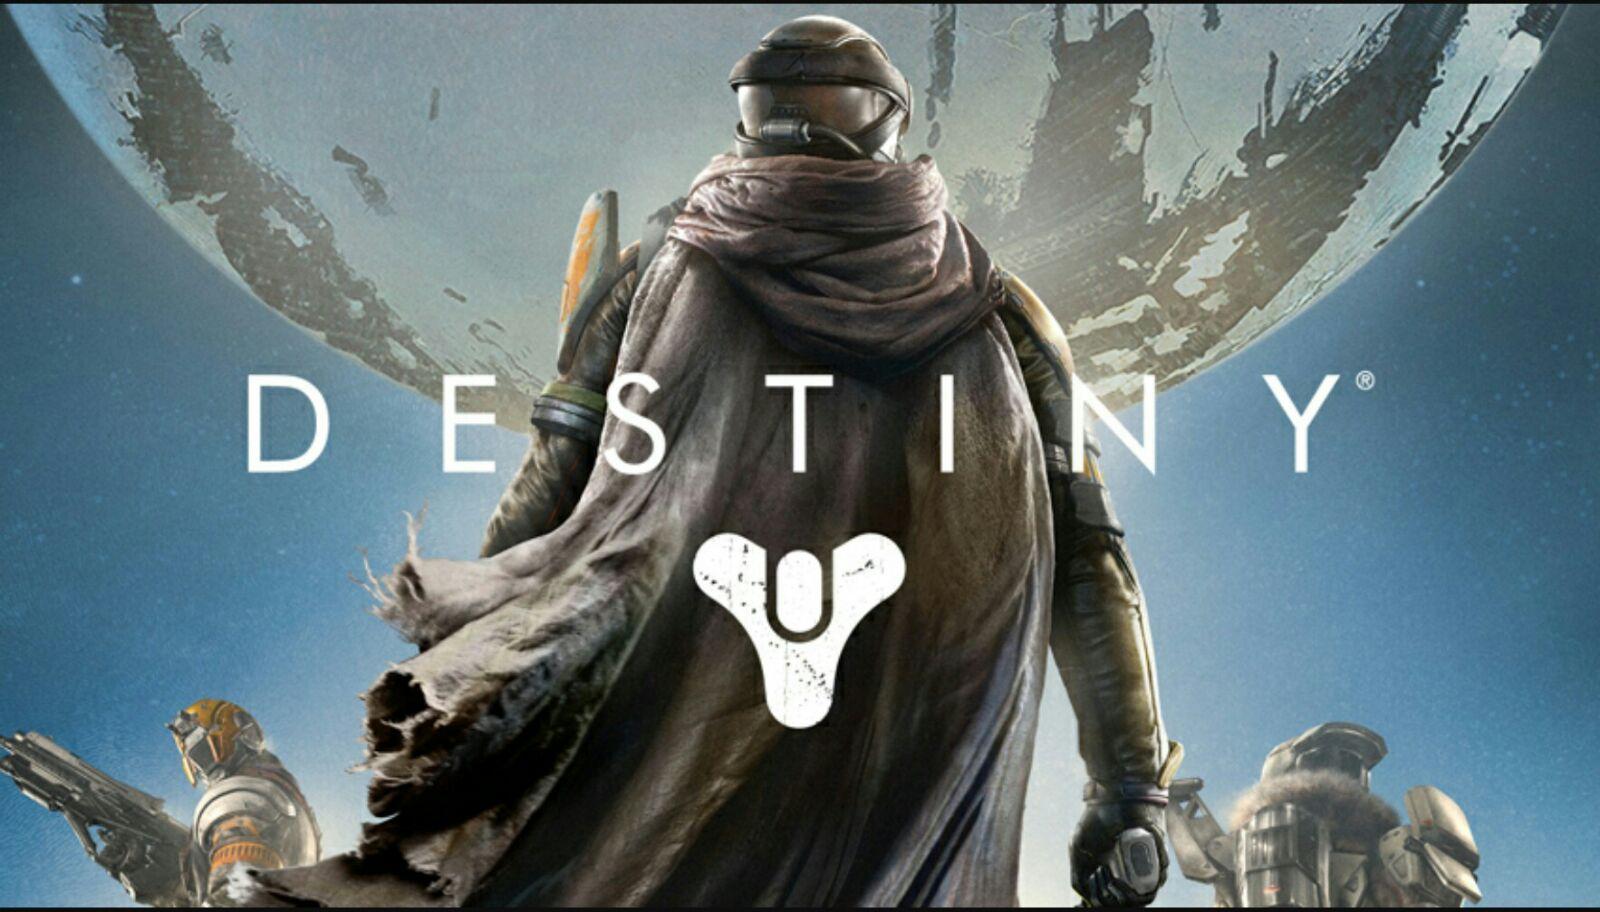 تریلر جدیدی از بازی Destiny 2 منتشر شد؛ جهانی بدون نور